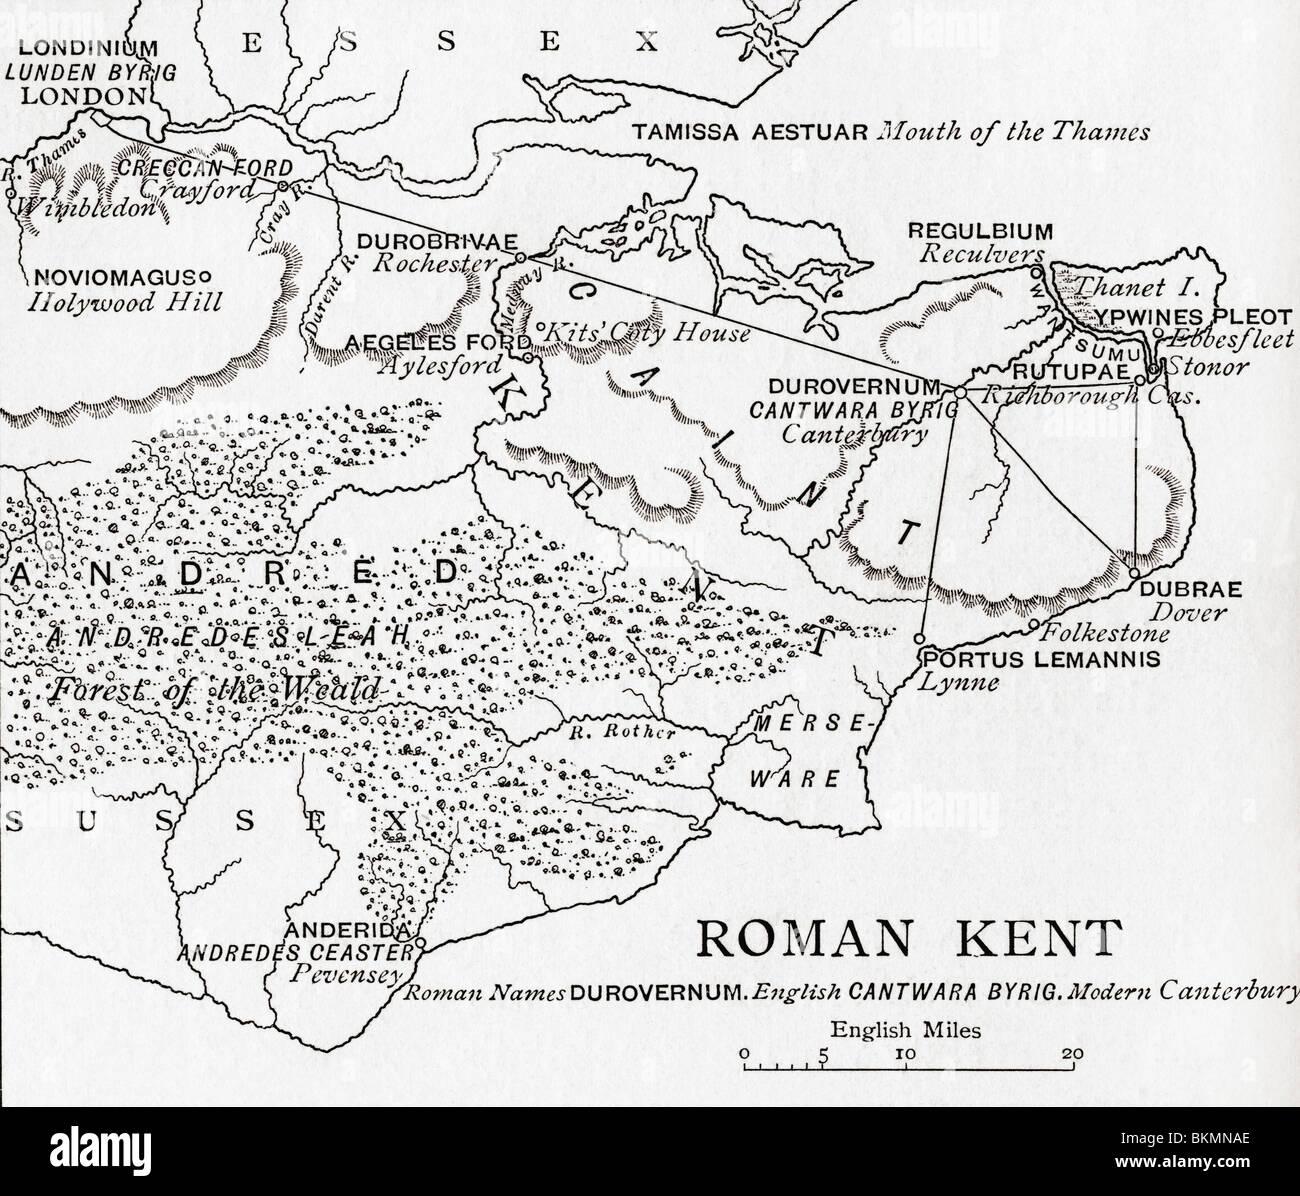 Map of Roman Kent, England. - Stock Image